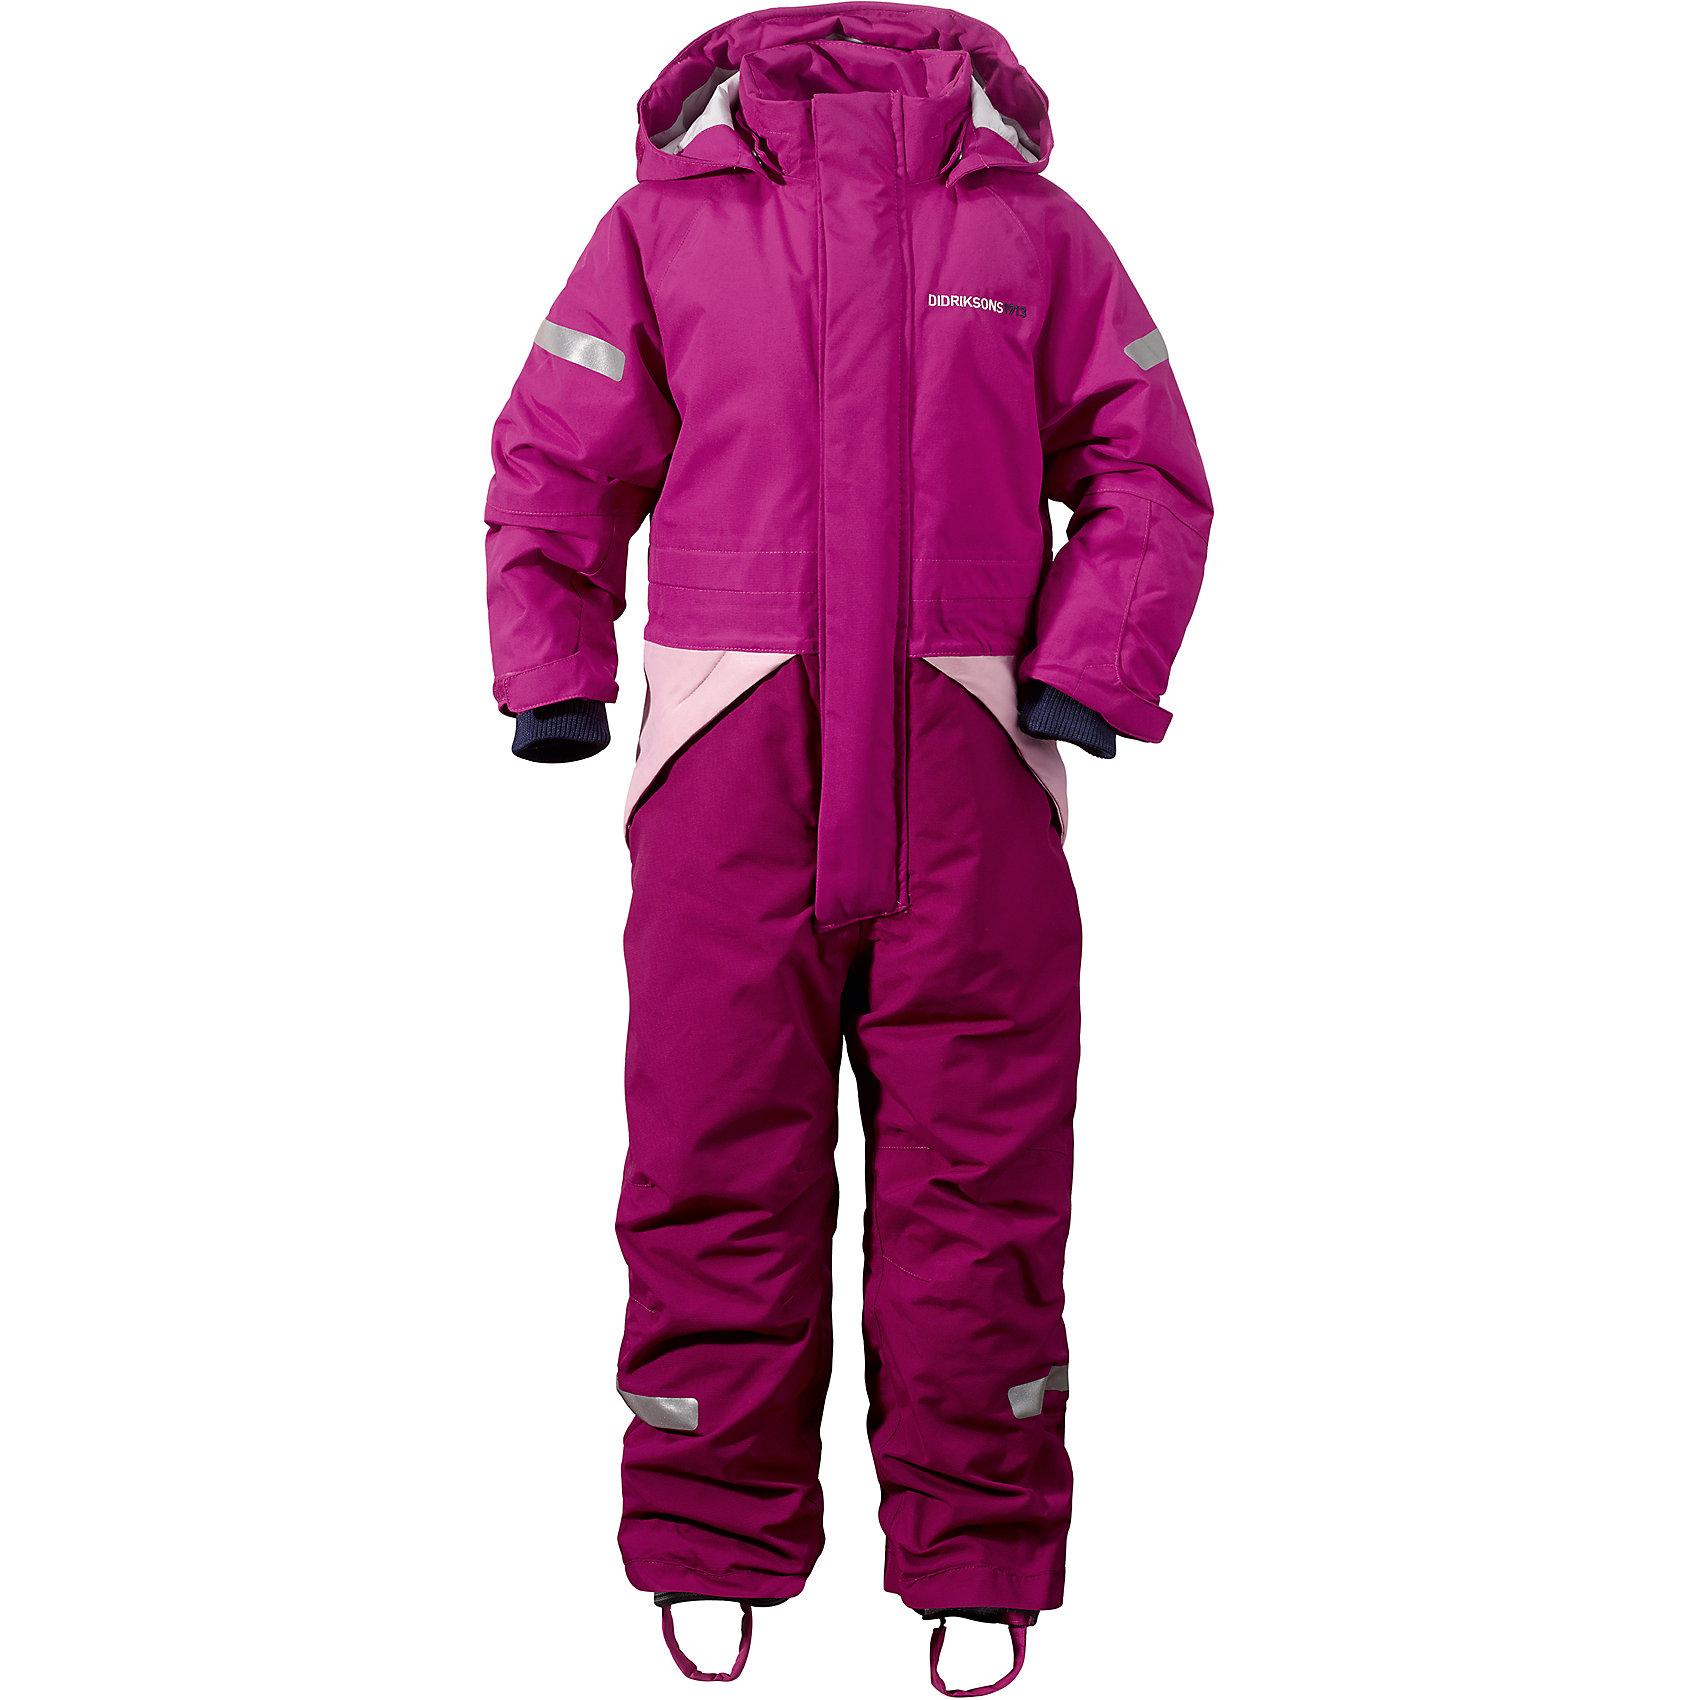 Комбинезон Tjarve для девочки DIDRIKSONSВерхняя одежда<br>Характеристики товара:<br><br>• цвет: фиолетовый<br>• материал: 100% полиамид, подкладка 100% полиэстер<br>• утеплитель: 140 г/м<br>• сезон: зима<br>• температурный режим от +5 до -20С<br>• непромокаемая и непродуваемая мембранная ткань<br>• резинки для ботинок<br>• дополнительная пропитка верха<br>• прокленные швы<br>• регулируемый съемный капюшон<br>• талия, манжеты и ширина брючины регулируется<br>• внутренние гетры<br>• внутренние трикотажные манжеты<br>• фронтальная молния под планкой<br>• светоотражающие детали<br>• можно увеличить длину рукавов и штанин на один размер <br>• страна бренда: Швеция<br>• страна производства: Китай<br><br>Такой комбинезон незаменим зимой! Это не только стильно, но еще и очень комфортно, а также тепло. Он обеспечит ребенку удобство при прогулках и активном отдыхе зимой. Комбинезон от шведского производителя легко трансформируется под рост ребенка и погодные условия.<br>Модель сшита из мембранной ткани, которая позволяет телу дышать, но при этом не промокает и не продувается. Очень стильная и удобная модель! Изделие качественно выполнено, сделано из безопасных для детей материалов. <br><br>Комбинезон для девочки от бренда DIDRIKSONS можно купить в нашем интернет-магазине.<br><br>Ширина мм: 356<br>Глубина мм: 10<br>Высота мм: 245<br>Вес г: 519<br>Цвет: фиолетовый<br>Возраст от месяцев: 12<br>Возраст до месяцев: 15<br>Пол: Женский<br>Возраст: Детский<br>Размер: 80,140,120,110,100,90<br>SKU: 5003949